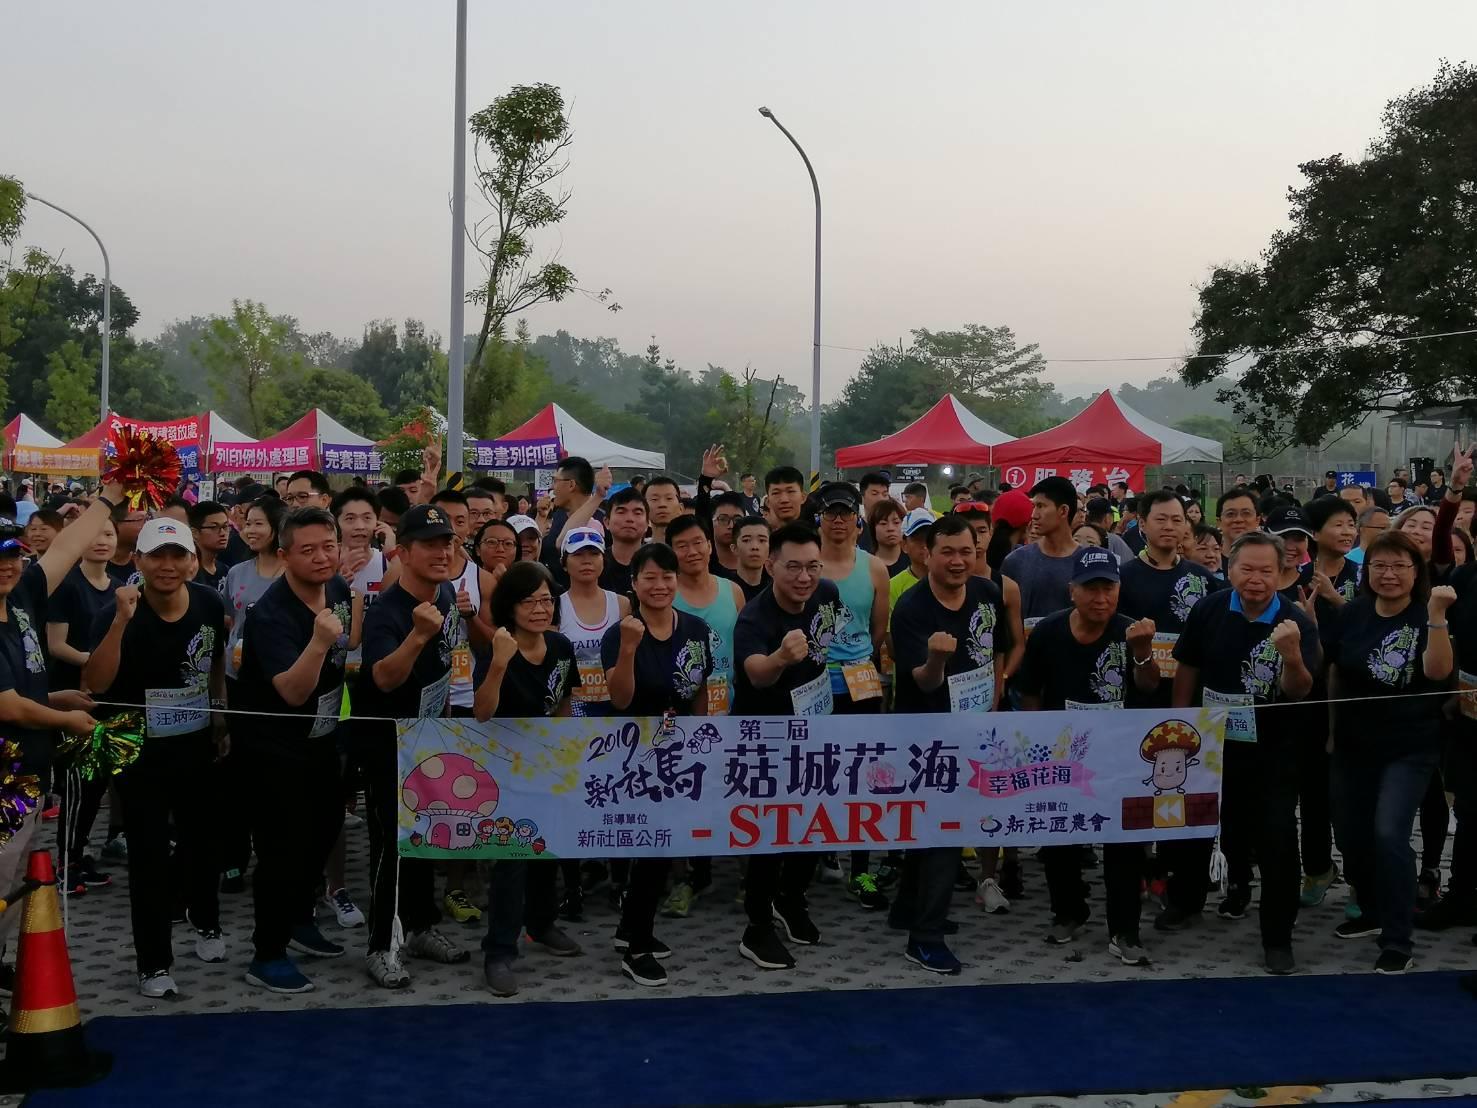 岱宇馬拉松上萬人開跑 楊副市長邀參與台灣燈會